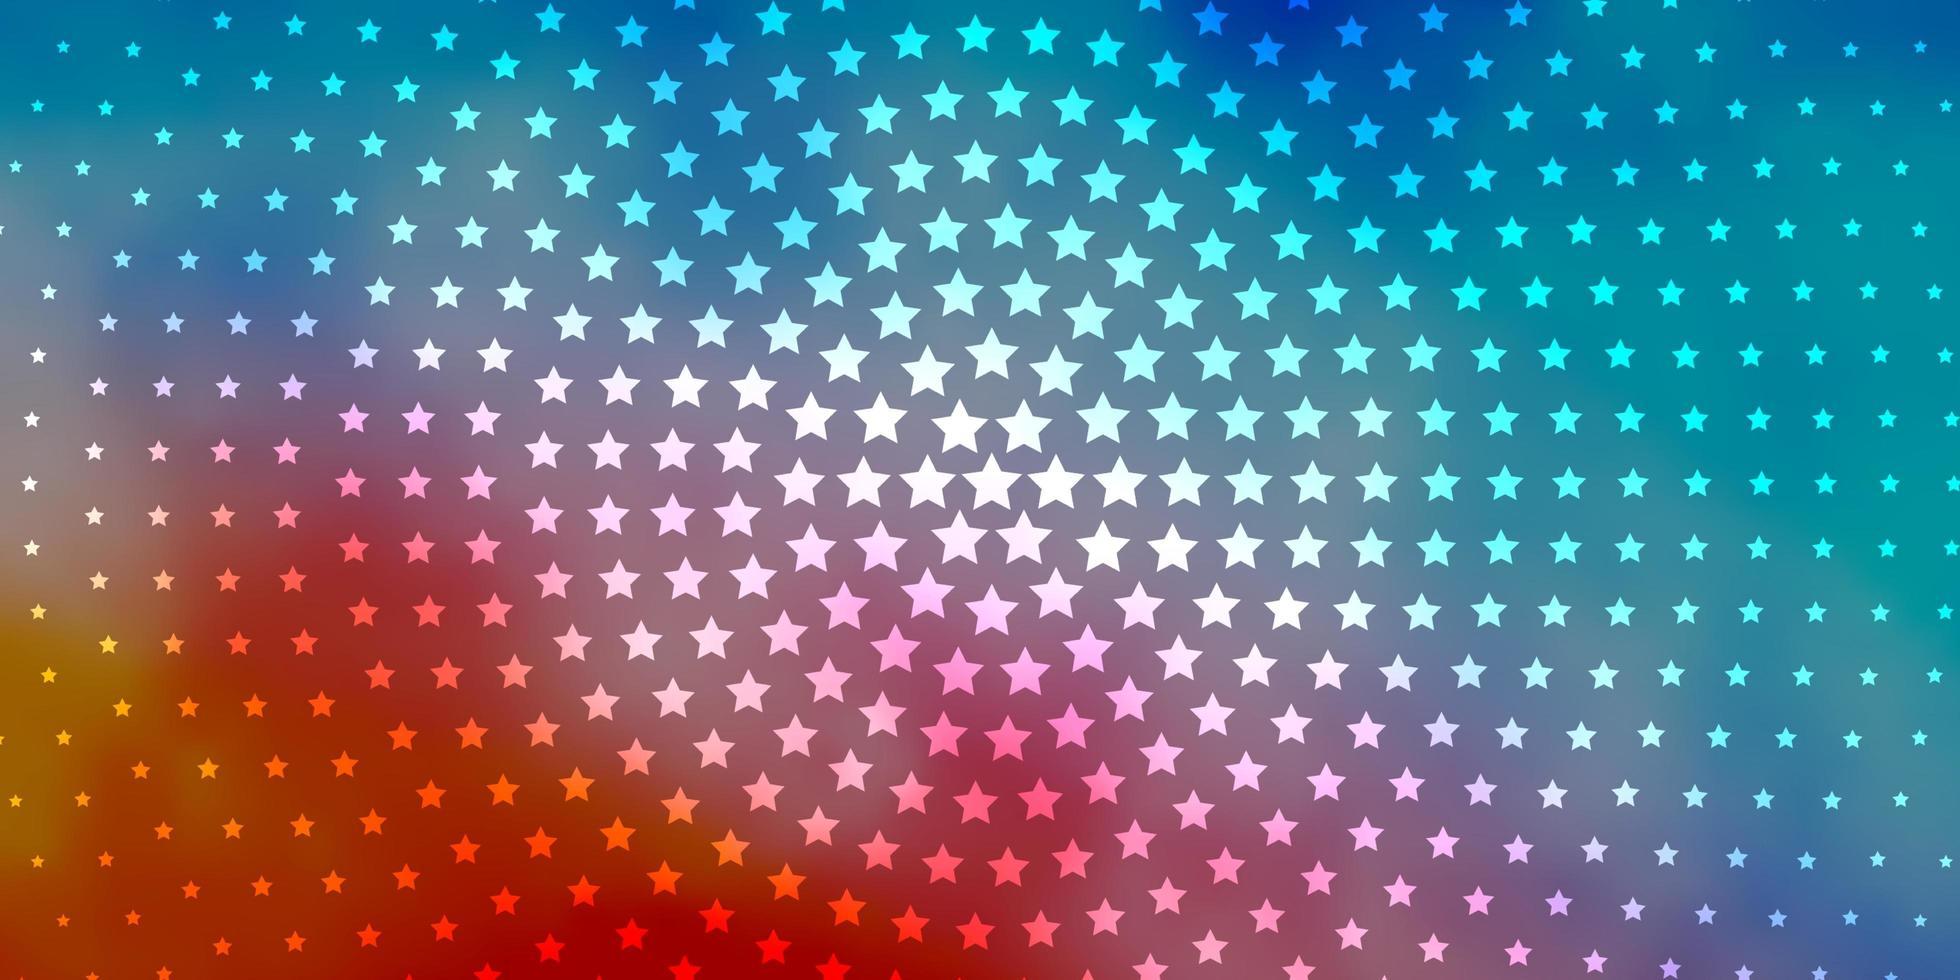 ljusblå, röd vektormall med neonstjärnor. vektor